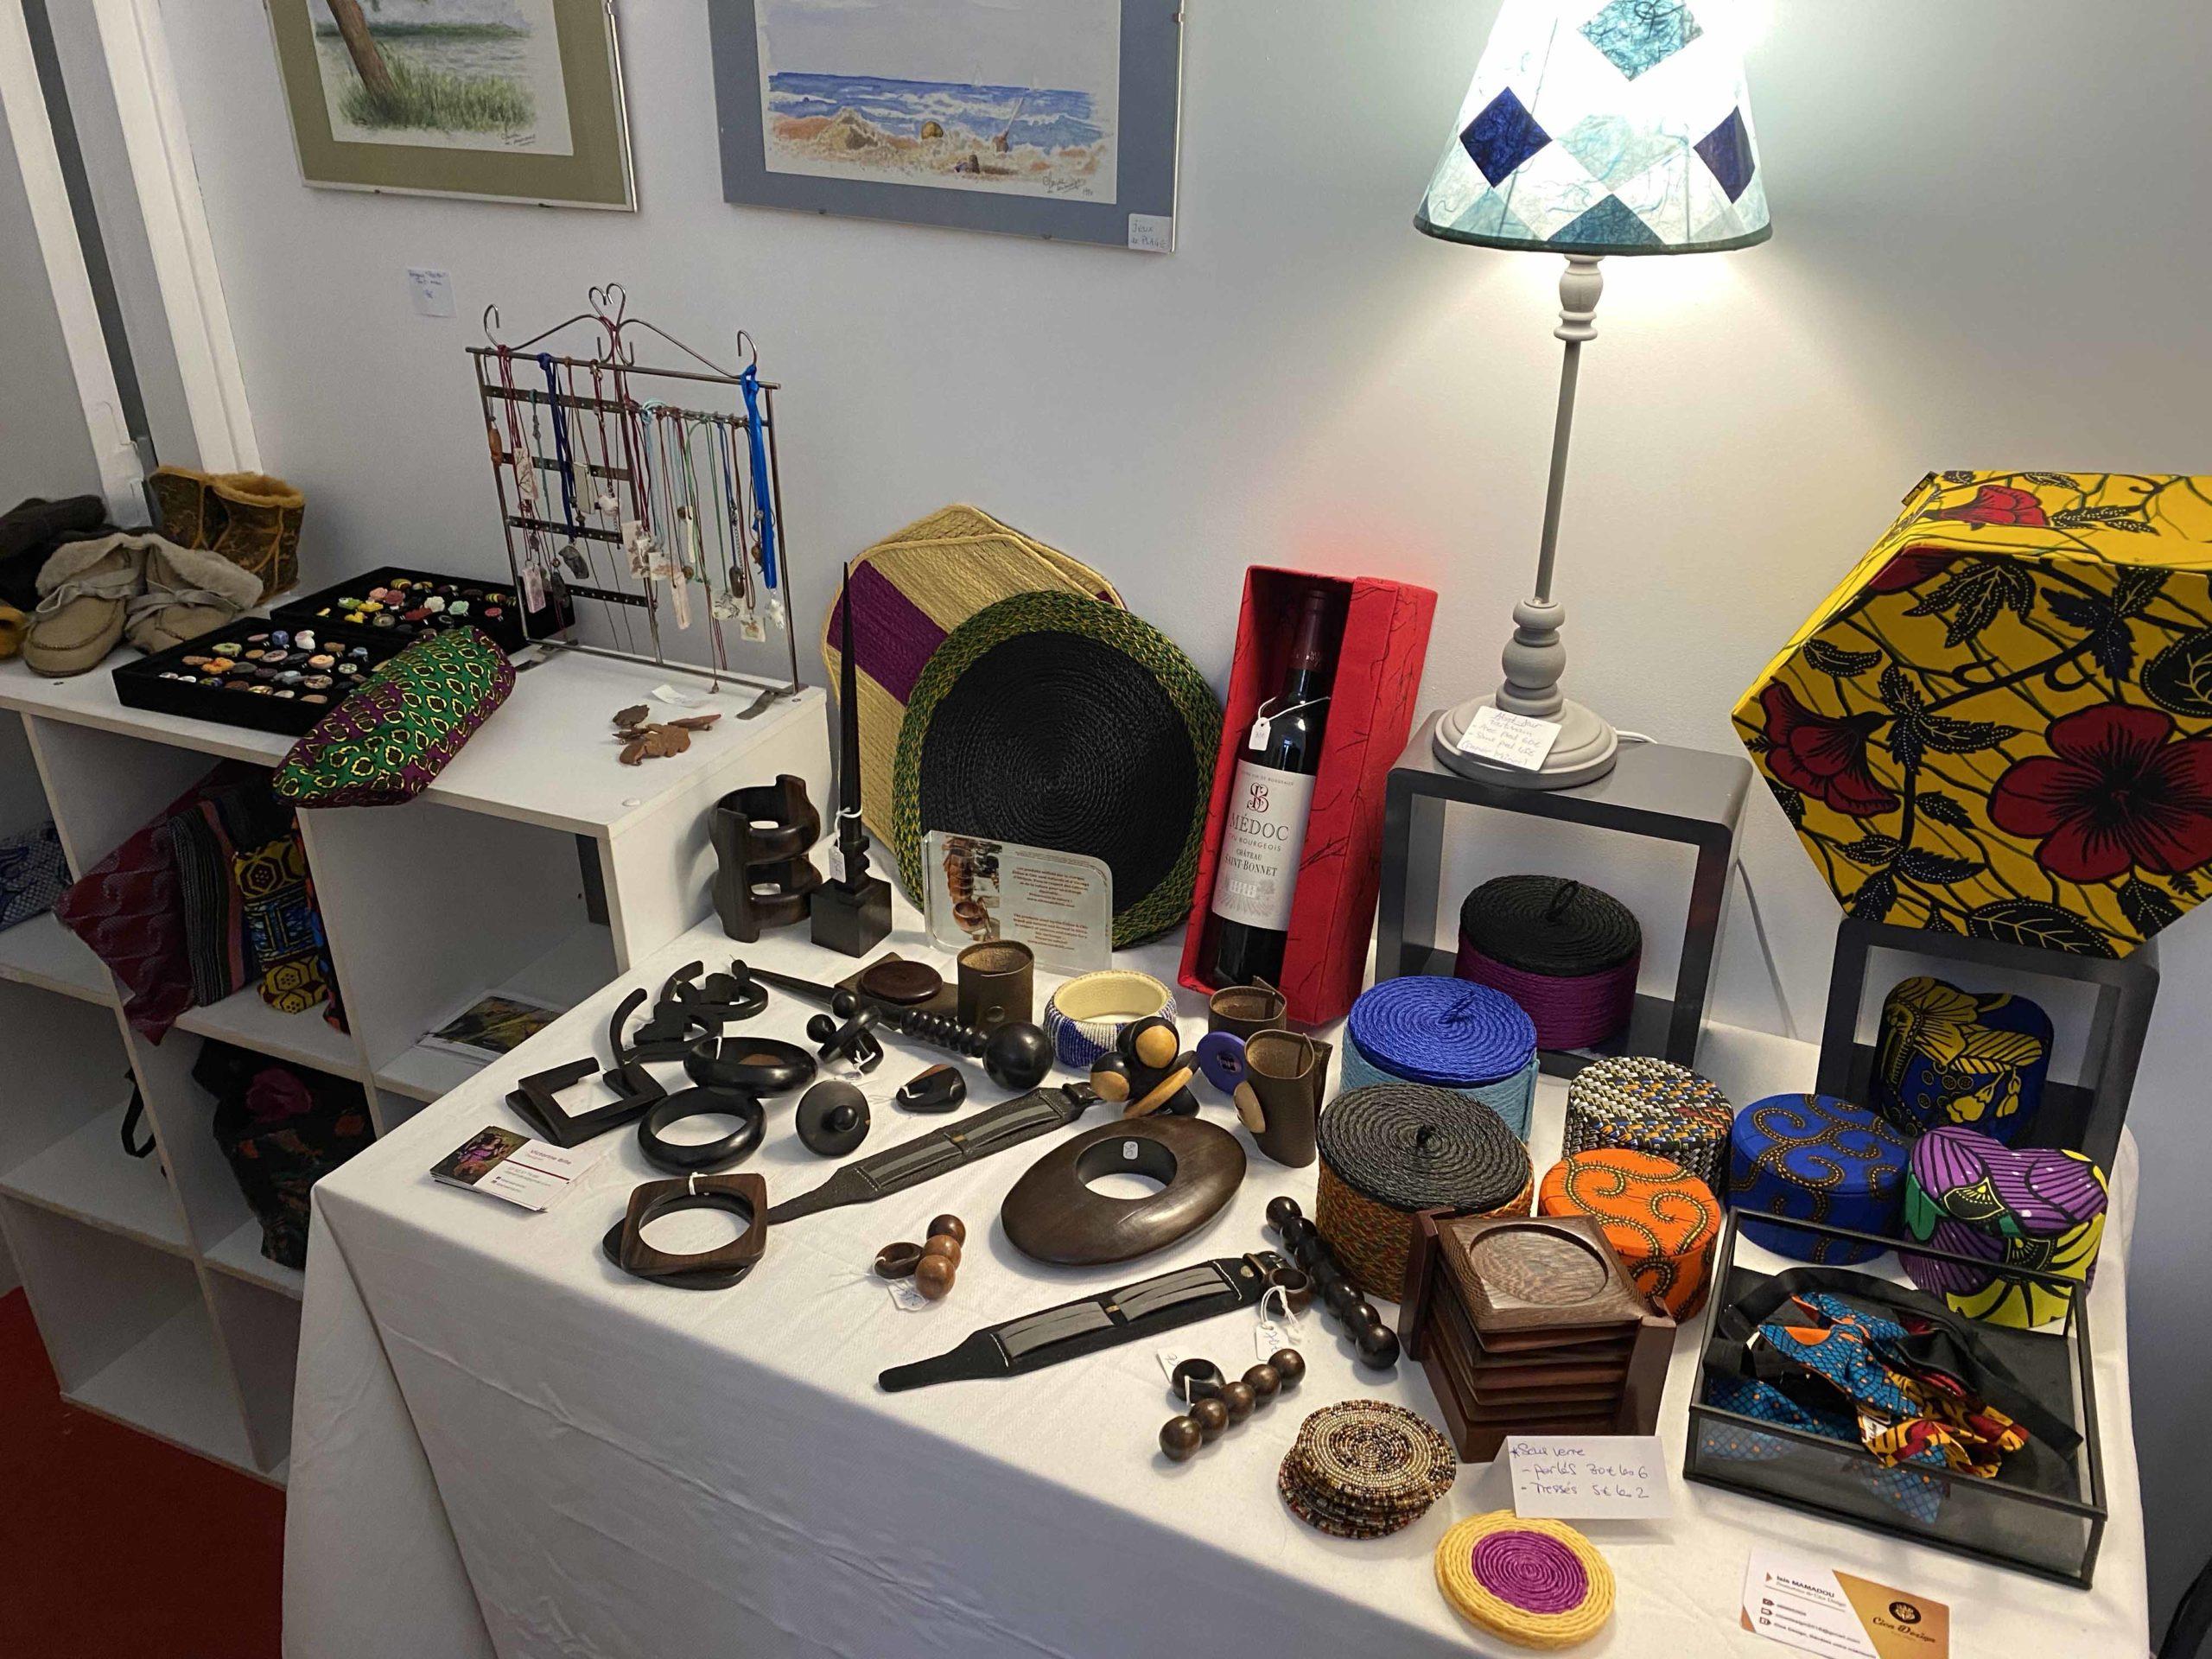 Bijoux africains, boîtes décoratives